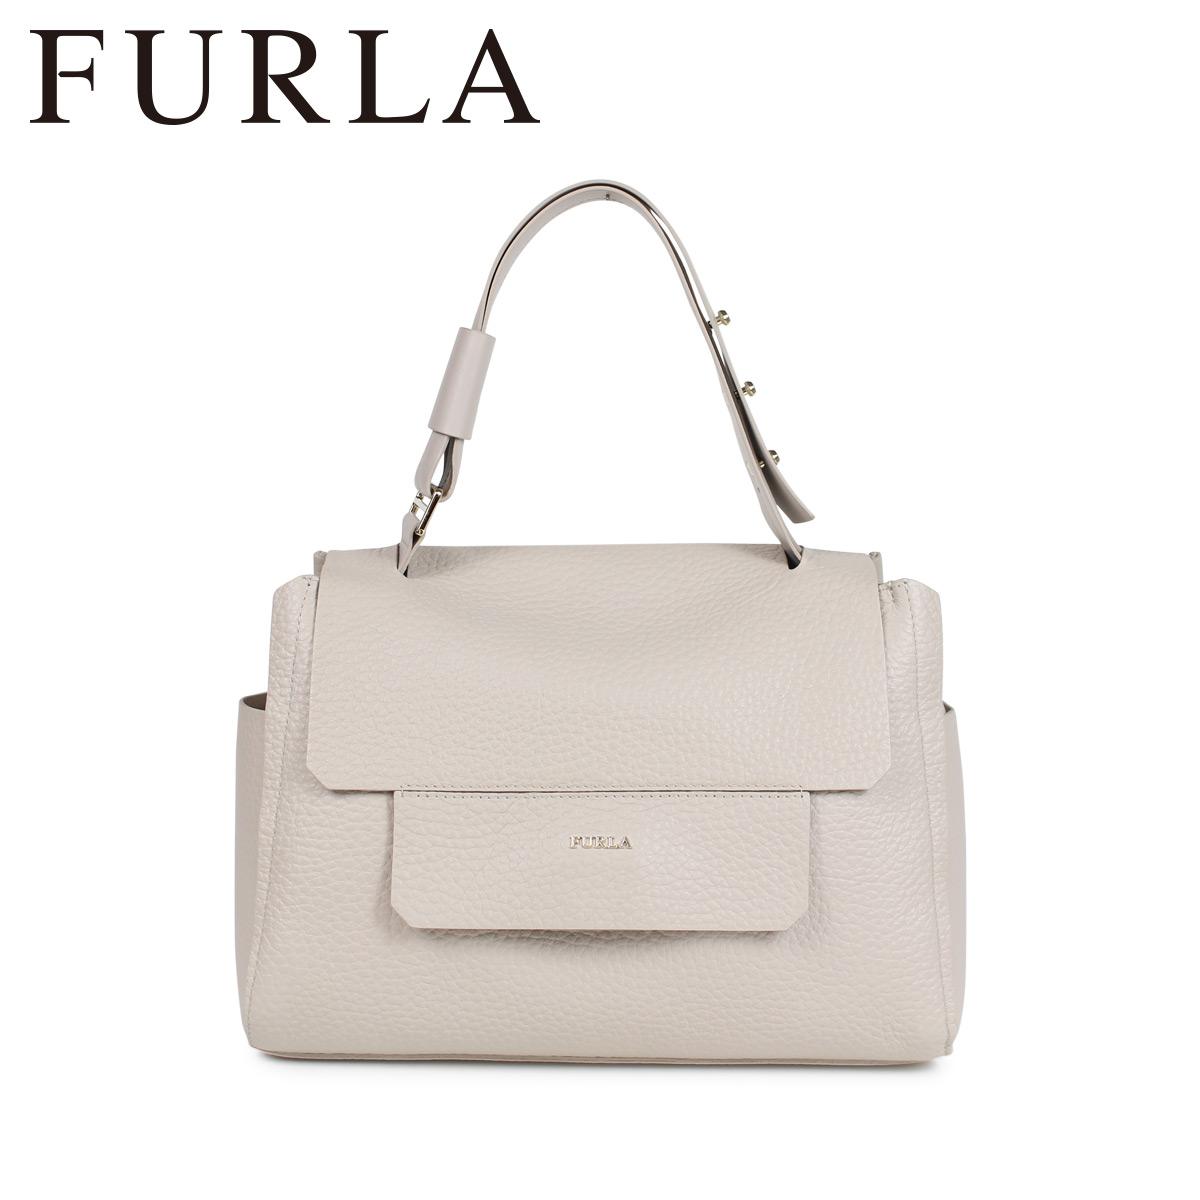 FURLA フルラ バッグ ハンドバッグ レディース CAPRICCIO TOP HANDLE BAG ライトベージュ 920235